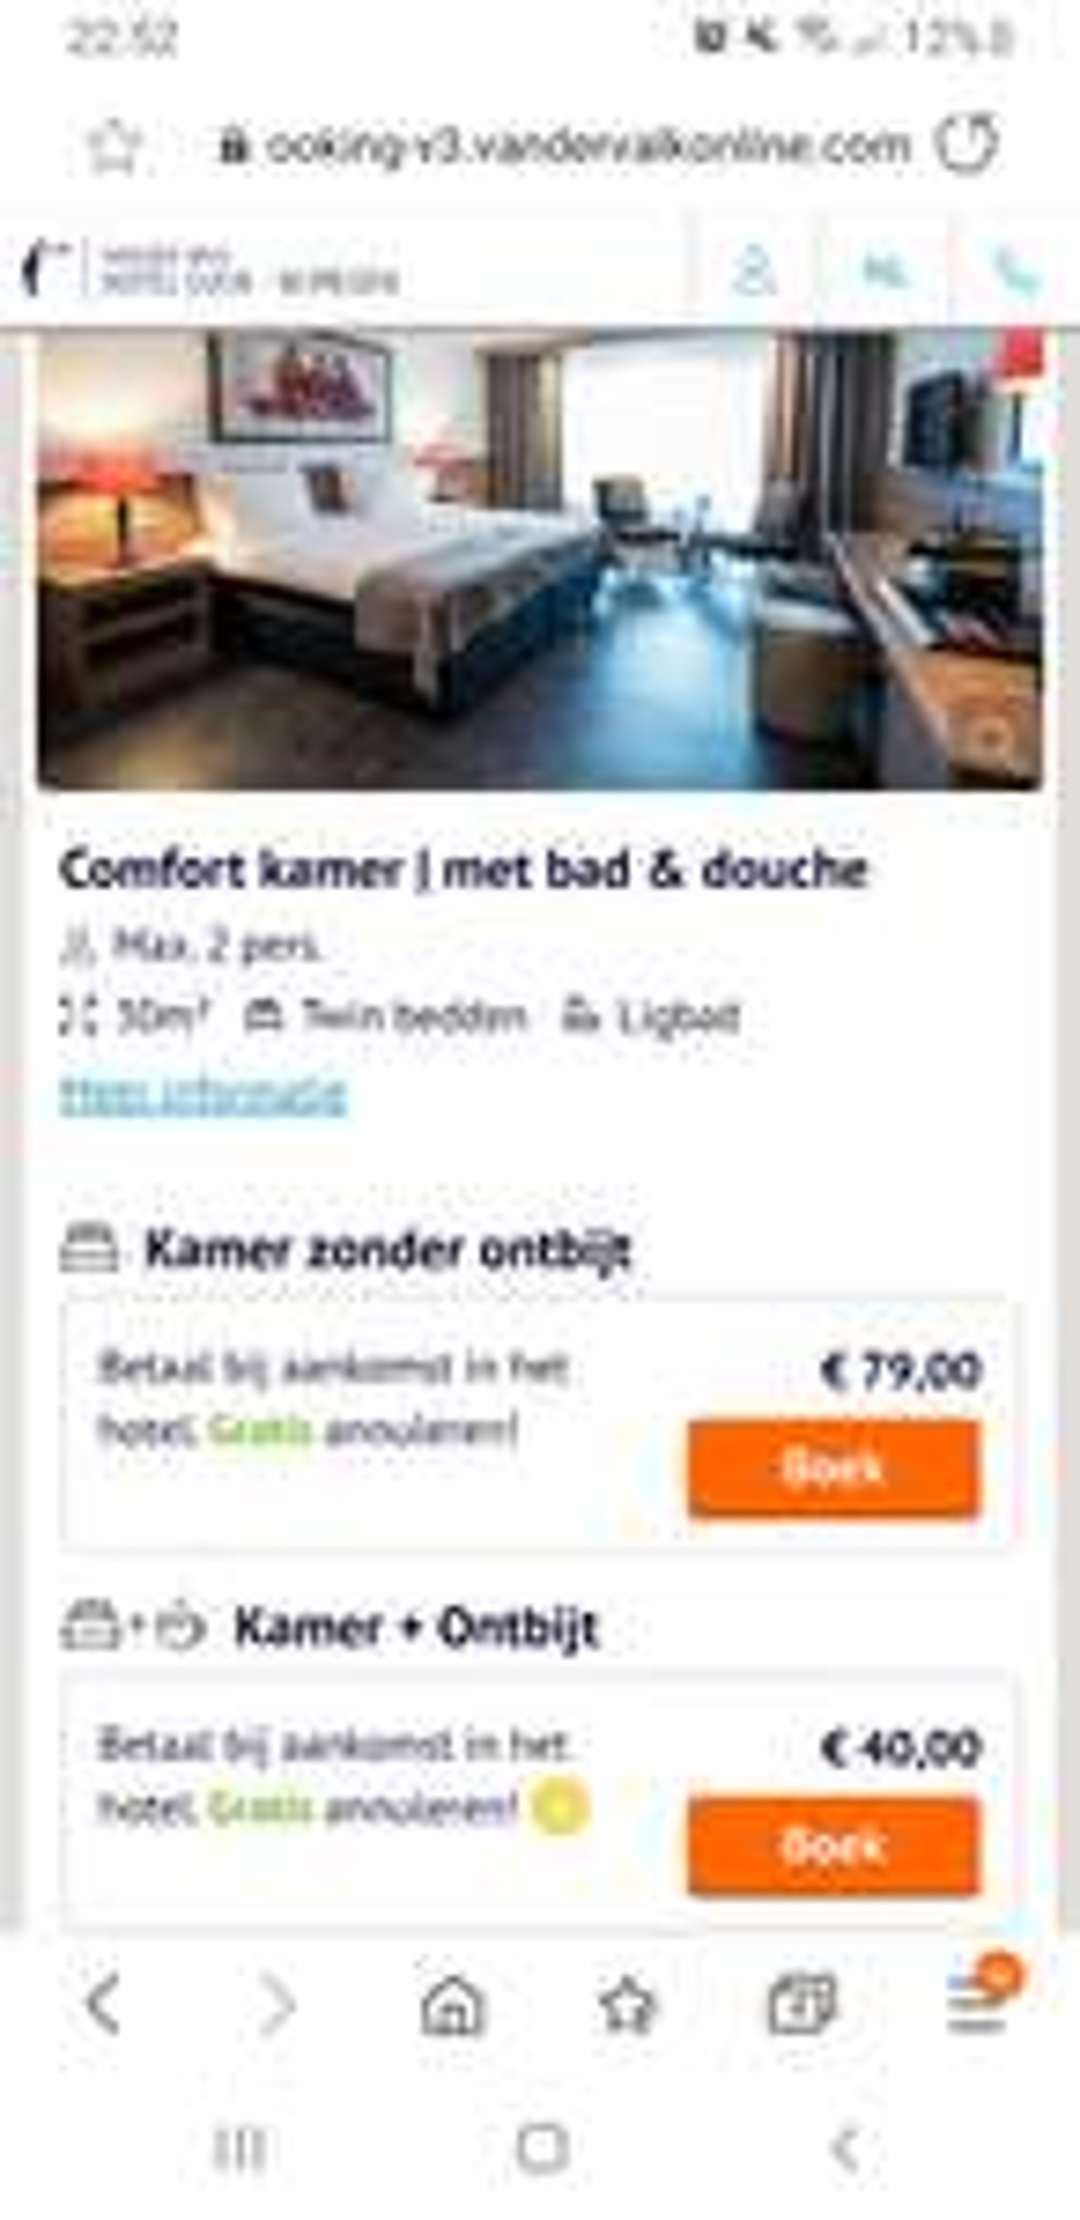 Prijsfout - Van der Valk hotel Cuijk - 40 euro voor overnachting voor 2 personen incl. ontbijt (excl. ontbijt is 2x zo duur!) 27-28 sept